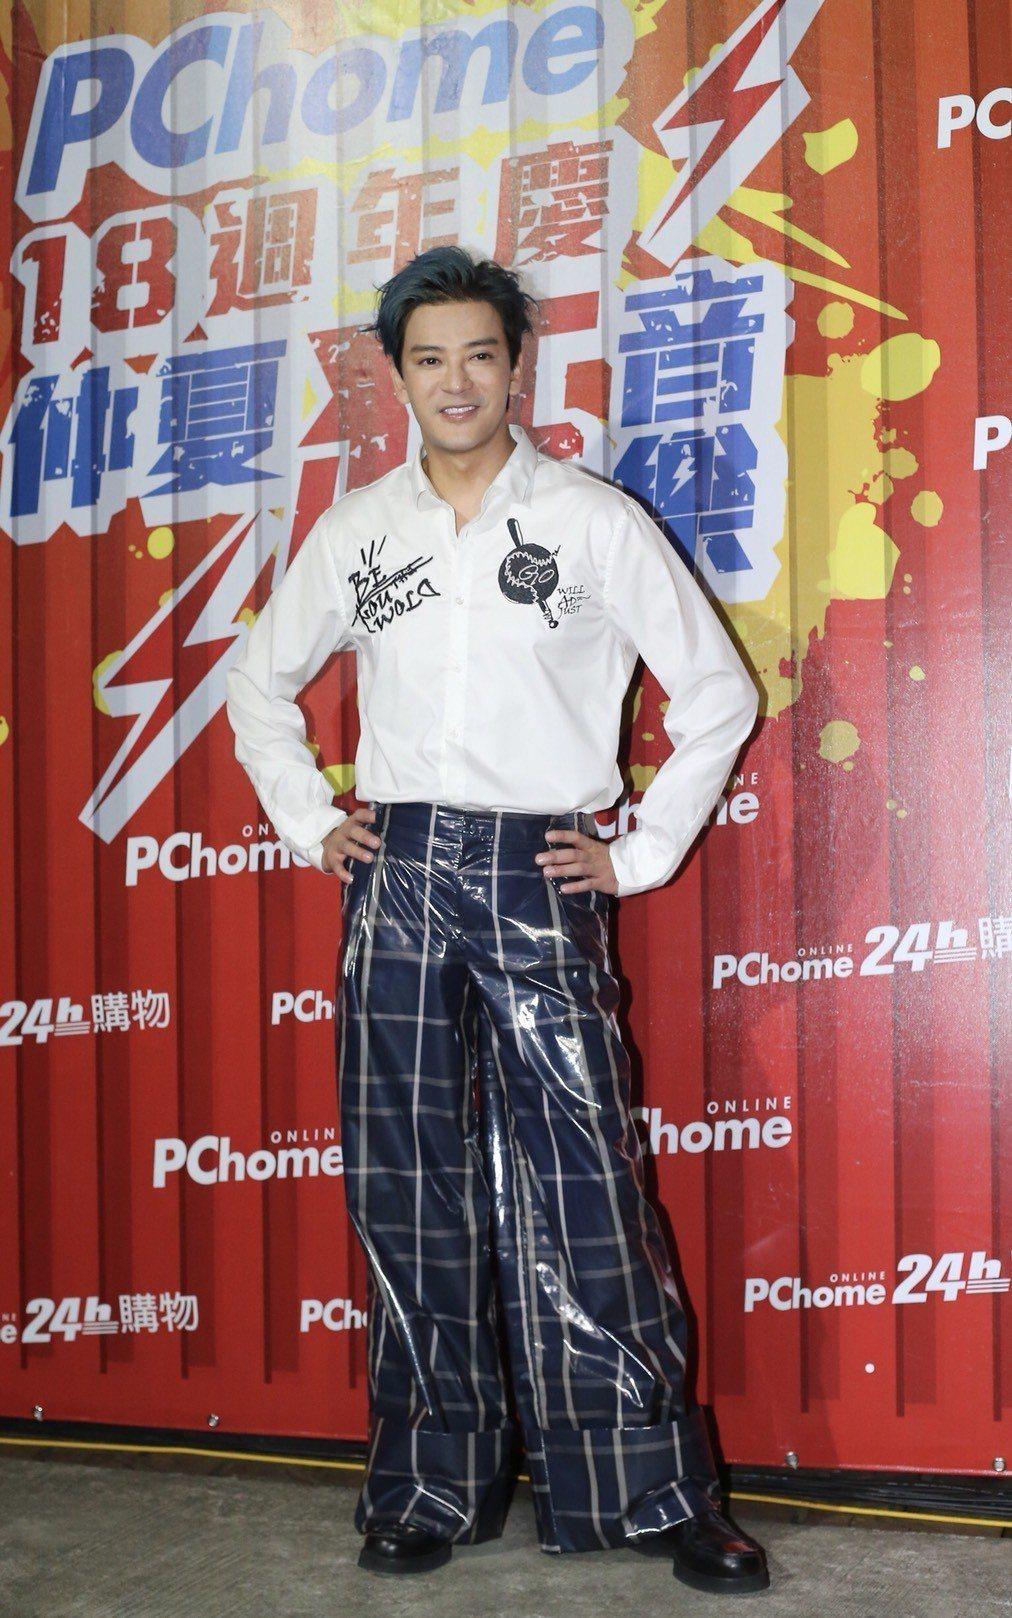 陳曉東16日出席網購平台活動。記者許正宏/攝影